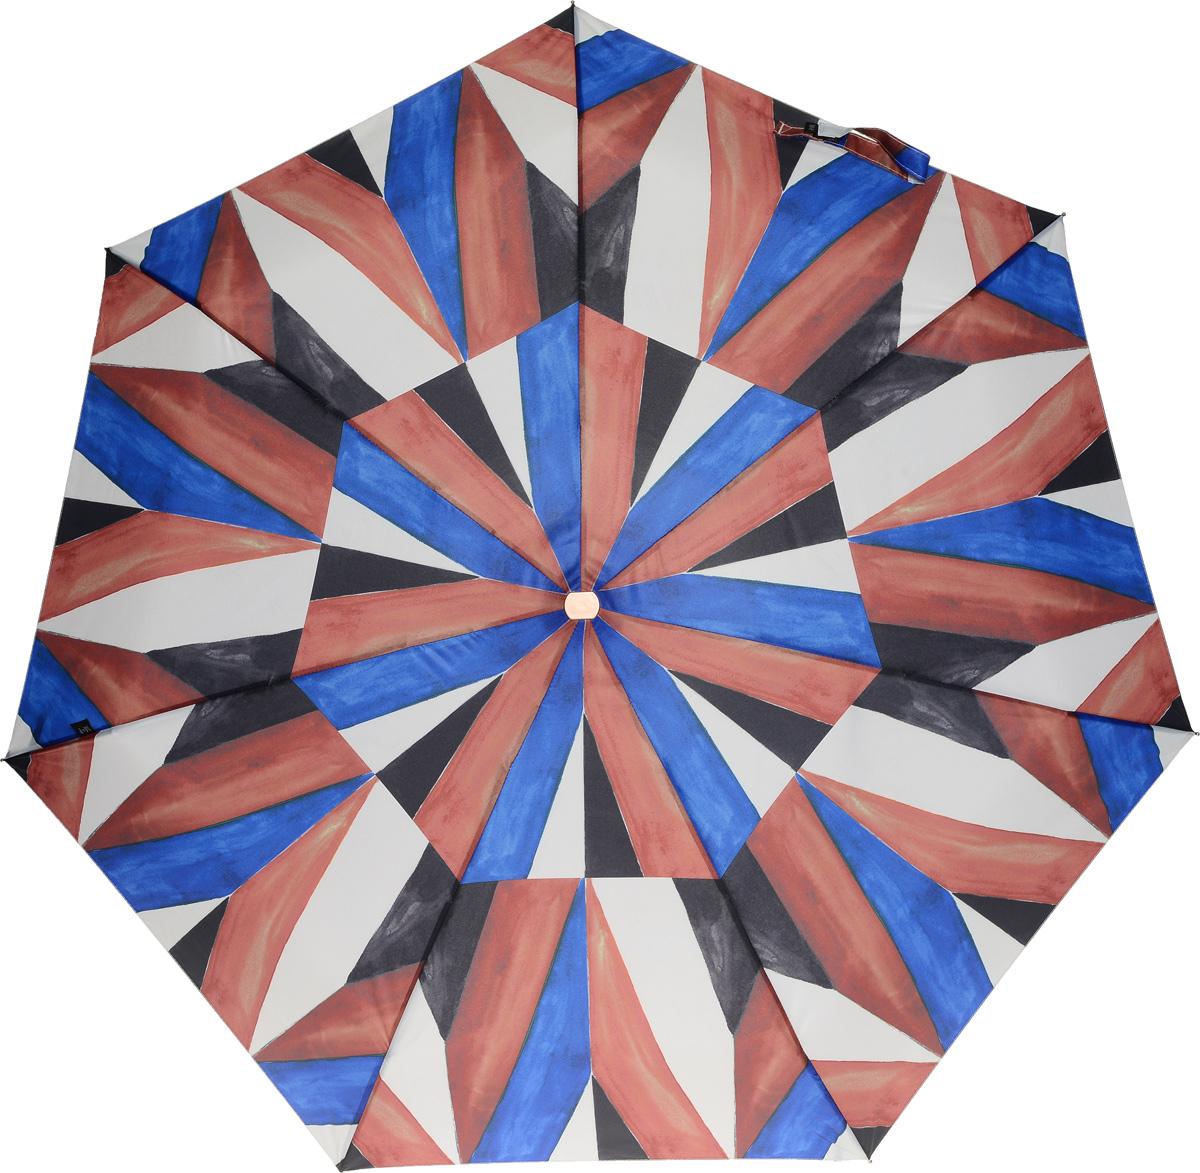 M&P 5869-2 Зонт полный автом. 4 сл. жен.5869-2Зонт испанского производителя Clima. В производстве зонтов используются современные материалы, что делает зонты легкими, но в то же время крепкими. Полный автомат, 4 сложения, 7 спиц, полиэстер.